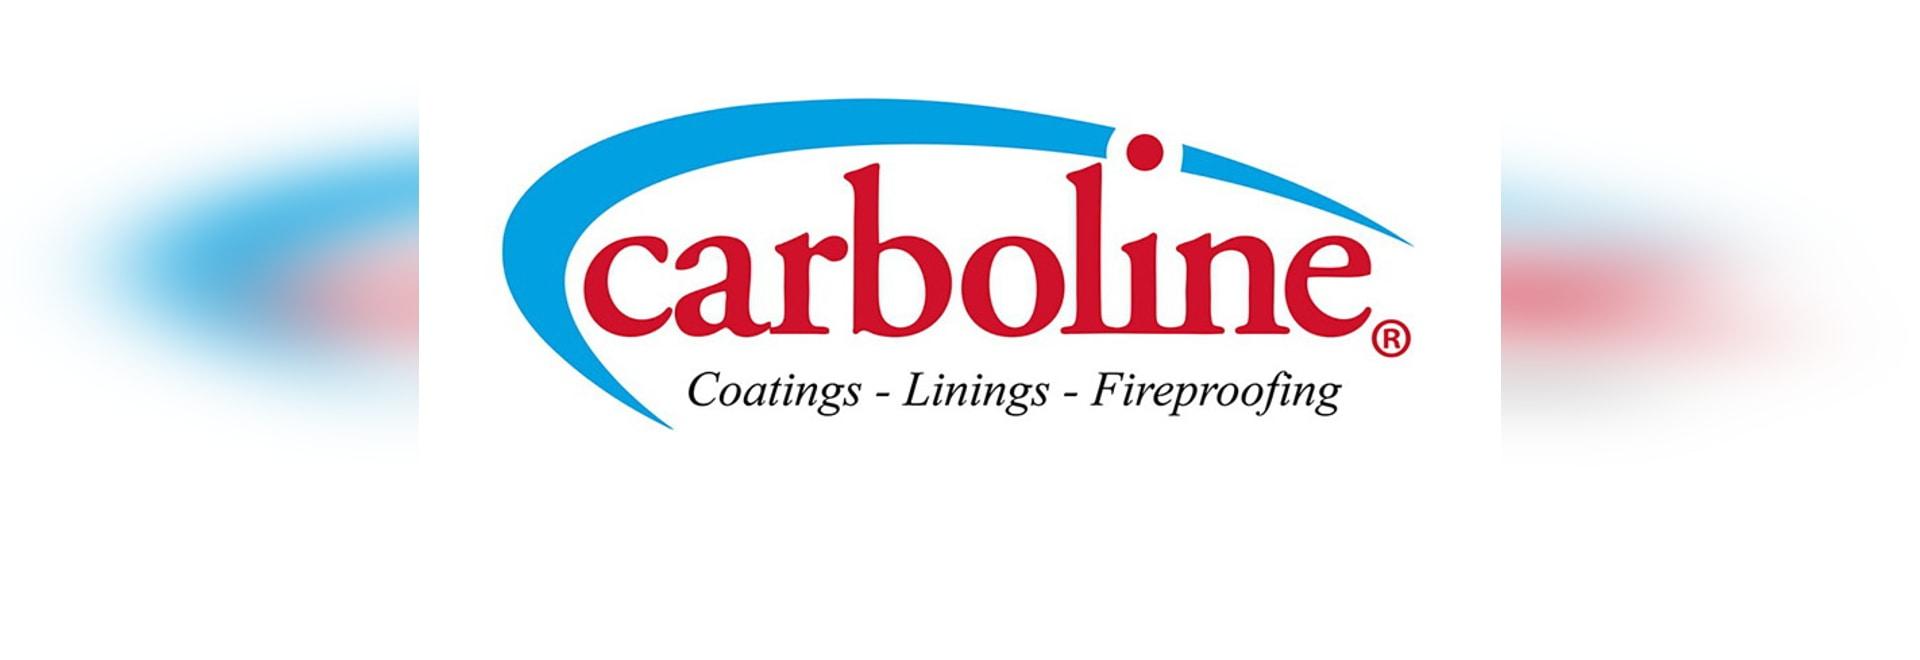 Carboline bietet kostenlose Online-Lackausbildungskurse an